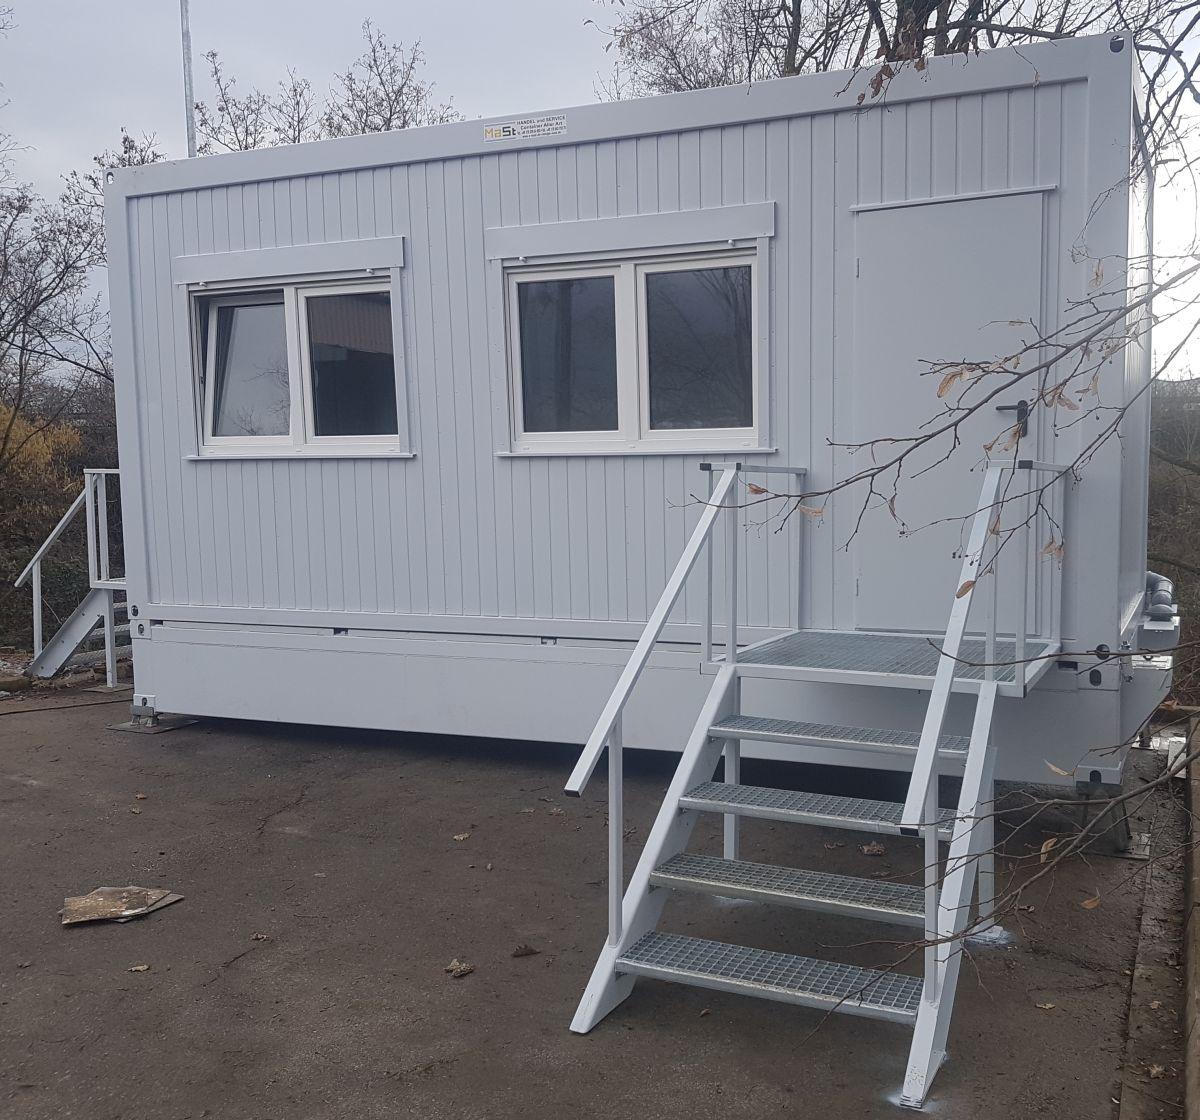 Bürocontainer Wohncontainer mit Saniärteil -Teil